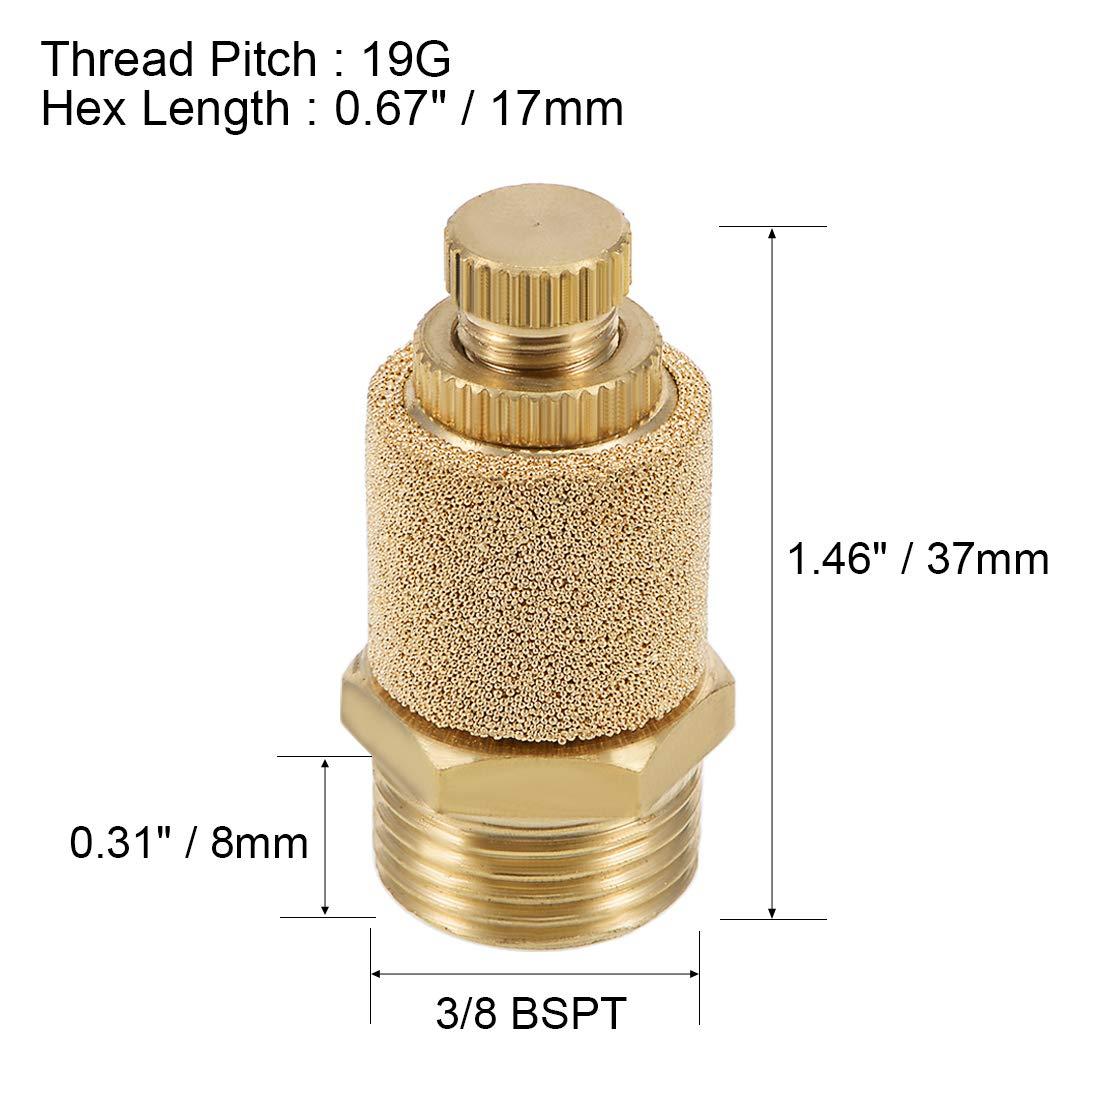 uxcell Top Adjustable Pneumatic Air Exhaust Silencer Muffler Copper 3//8 BSPT Gold Tone 2pcs